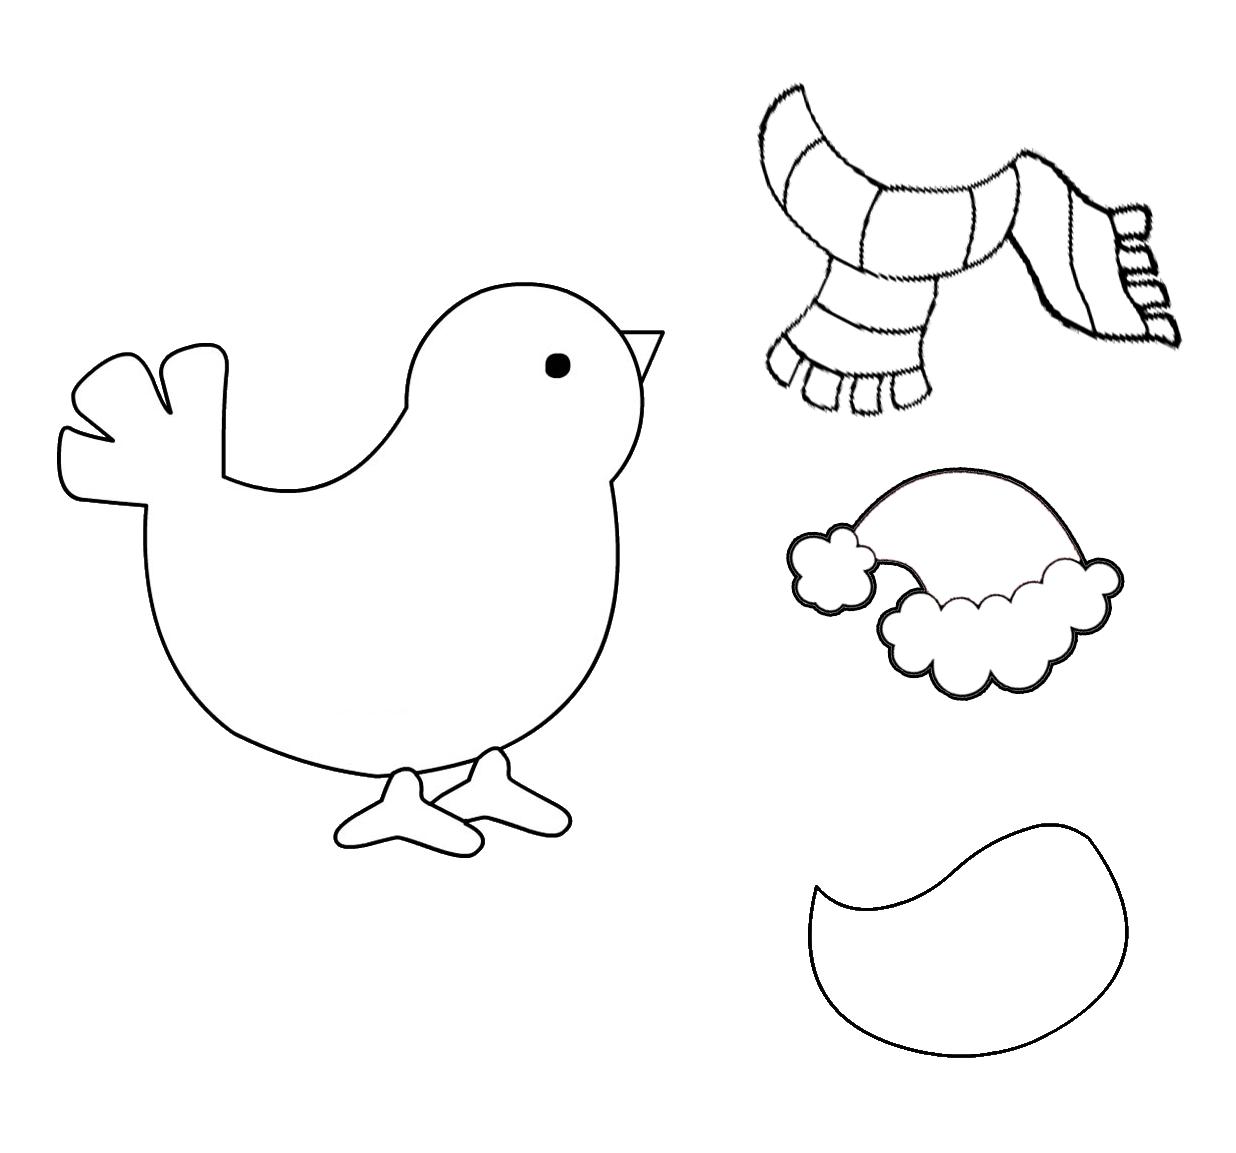 Alberi contenti disegni da colorare no natale for Uccellino disegno